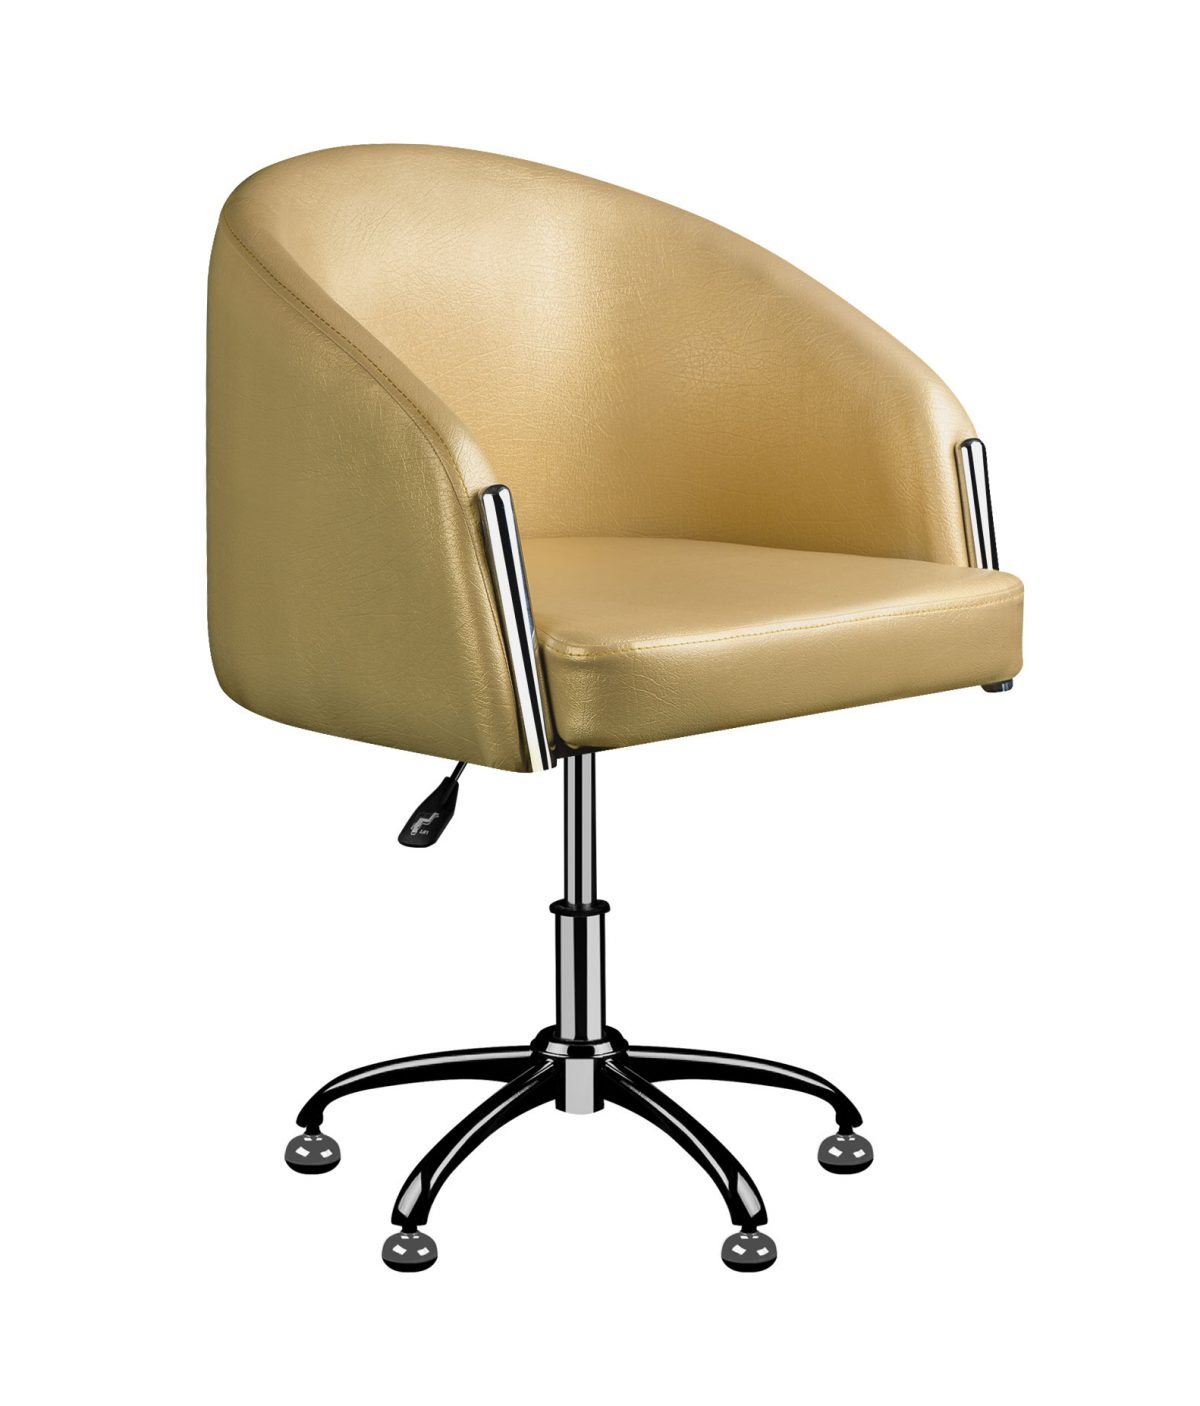 صندلی آرایشگاهی مناسب کوتاهی مو آلکا مدل درسا